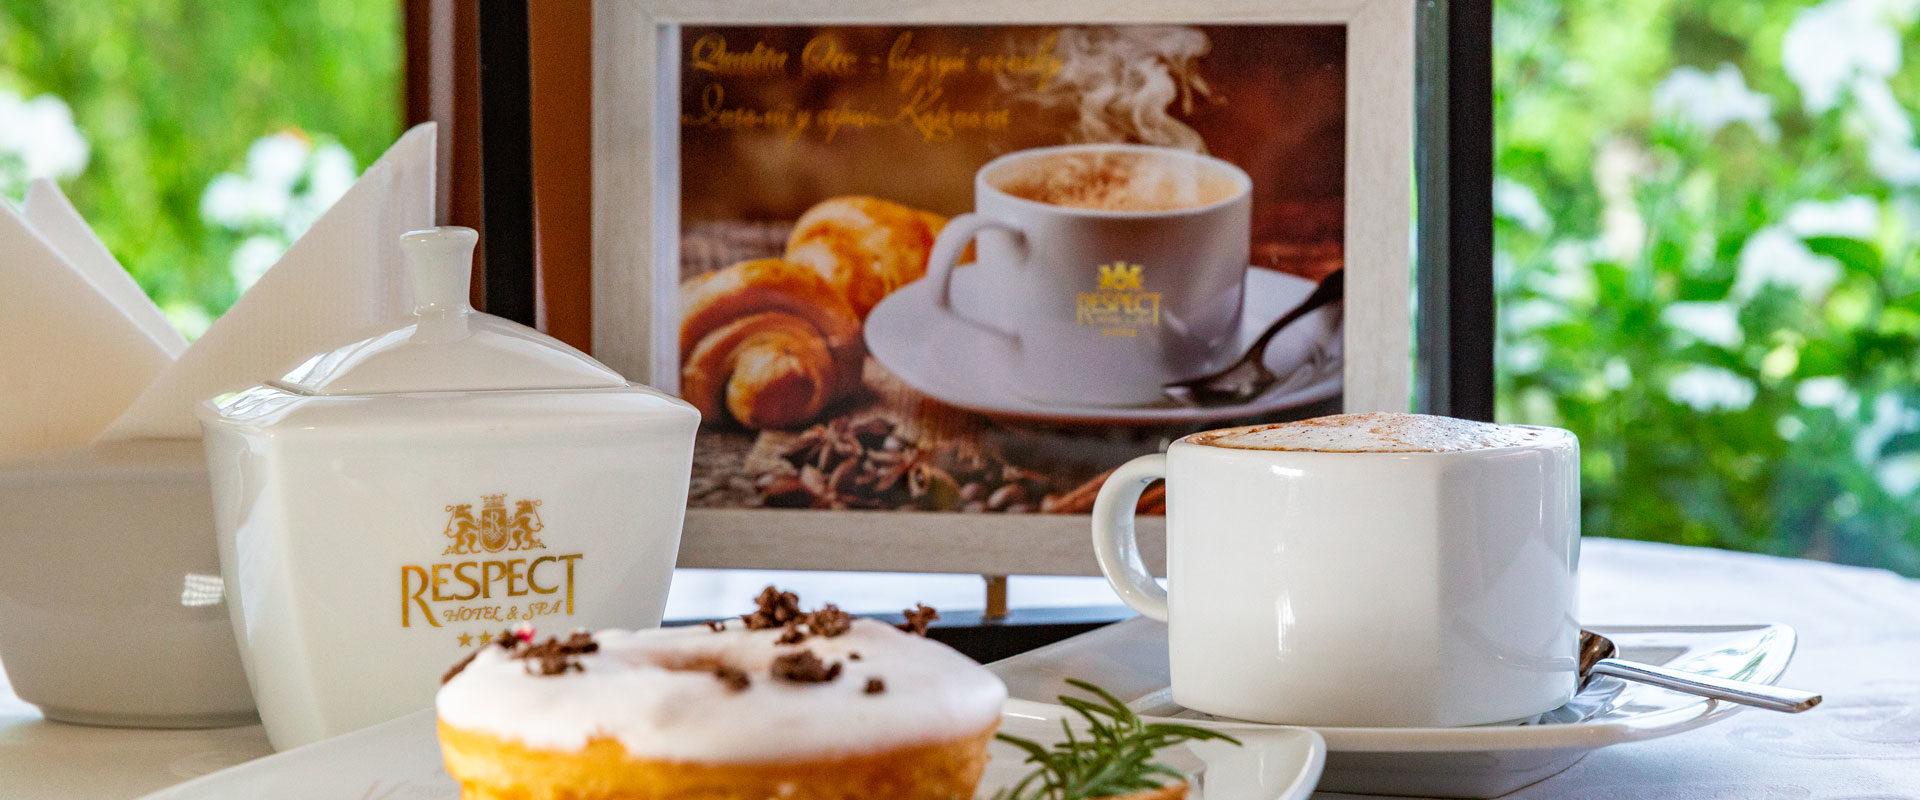 Завтраки спа-отель Respect